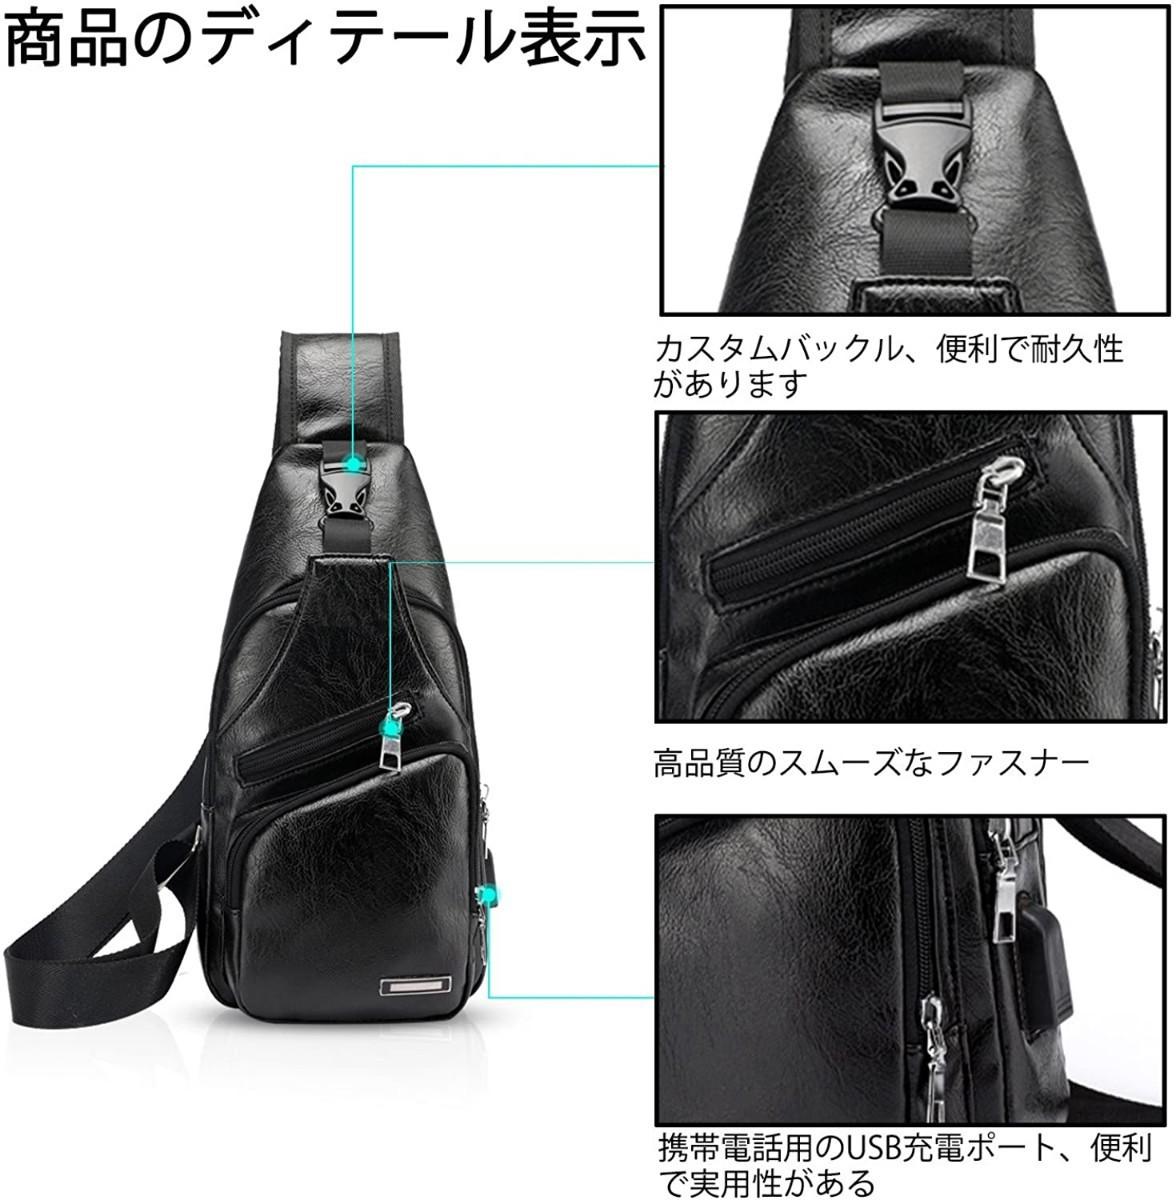 ボディバッグ USBポート ワンショルダーバッグ 斜め掛けバッグ イヤホン ワンショルダー 大容量 斜めがけ メンズボディバッグ